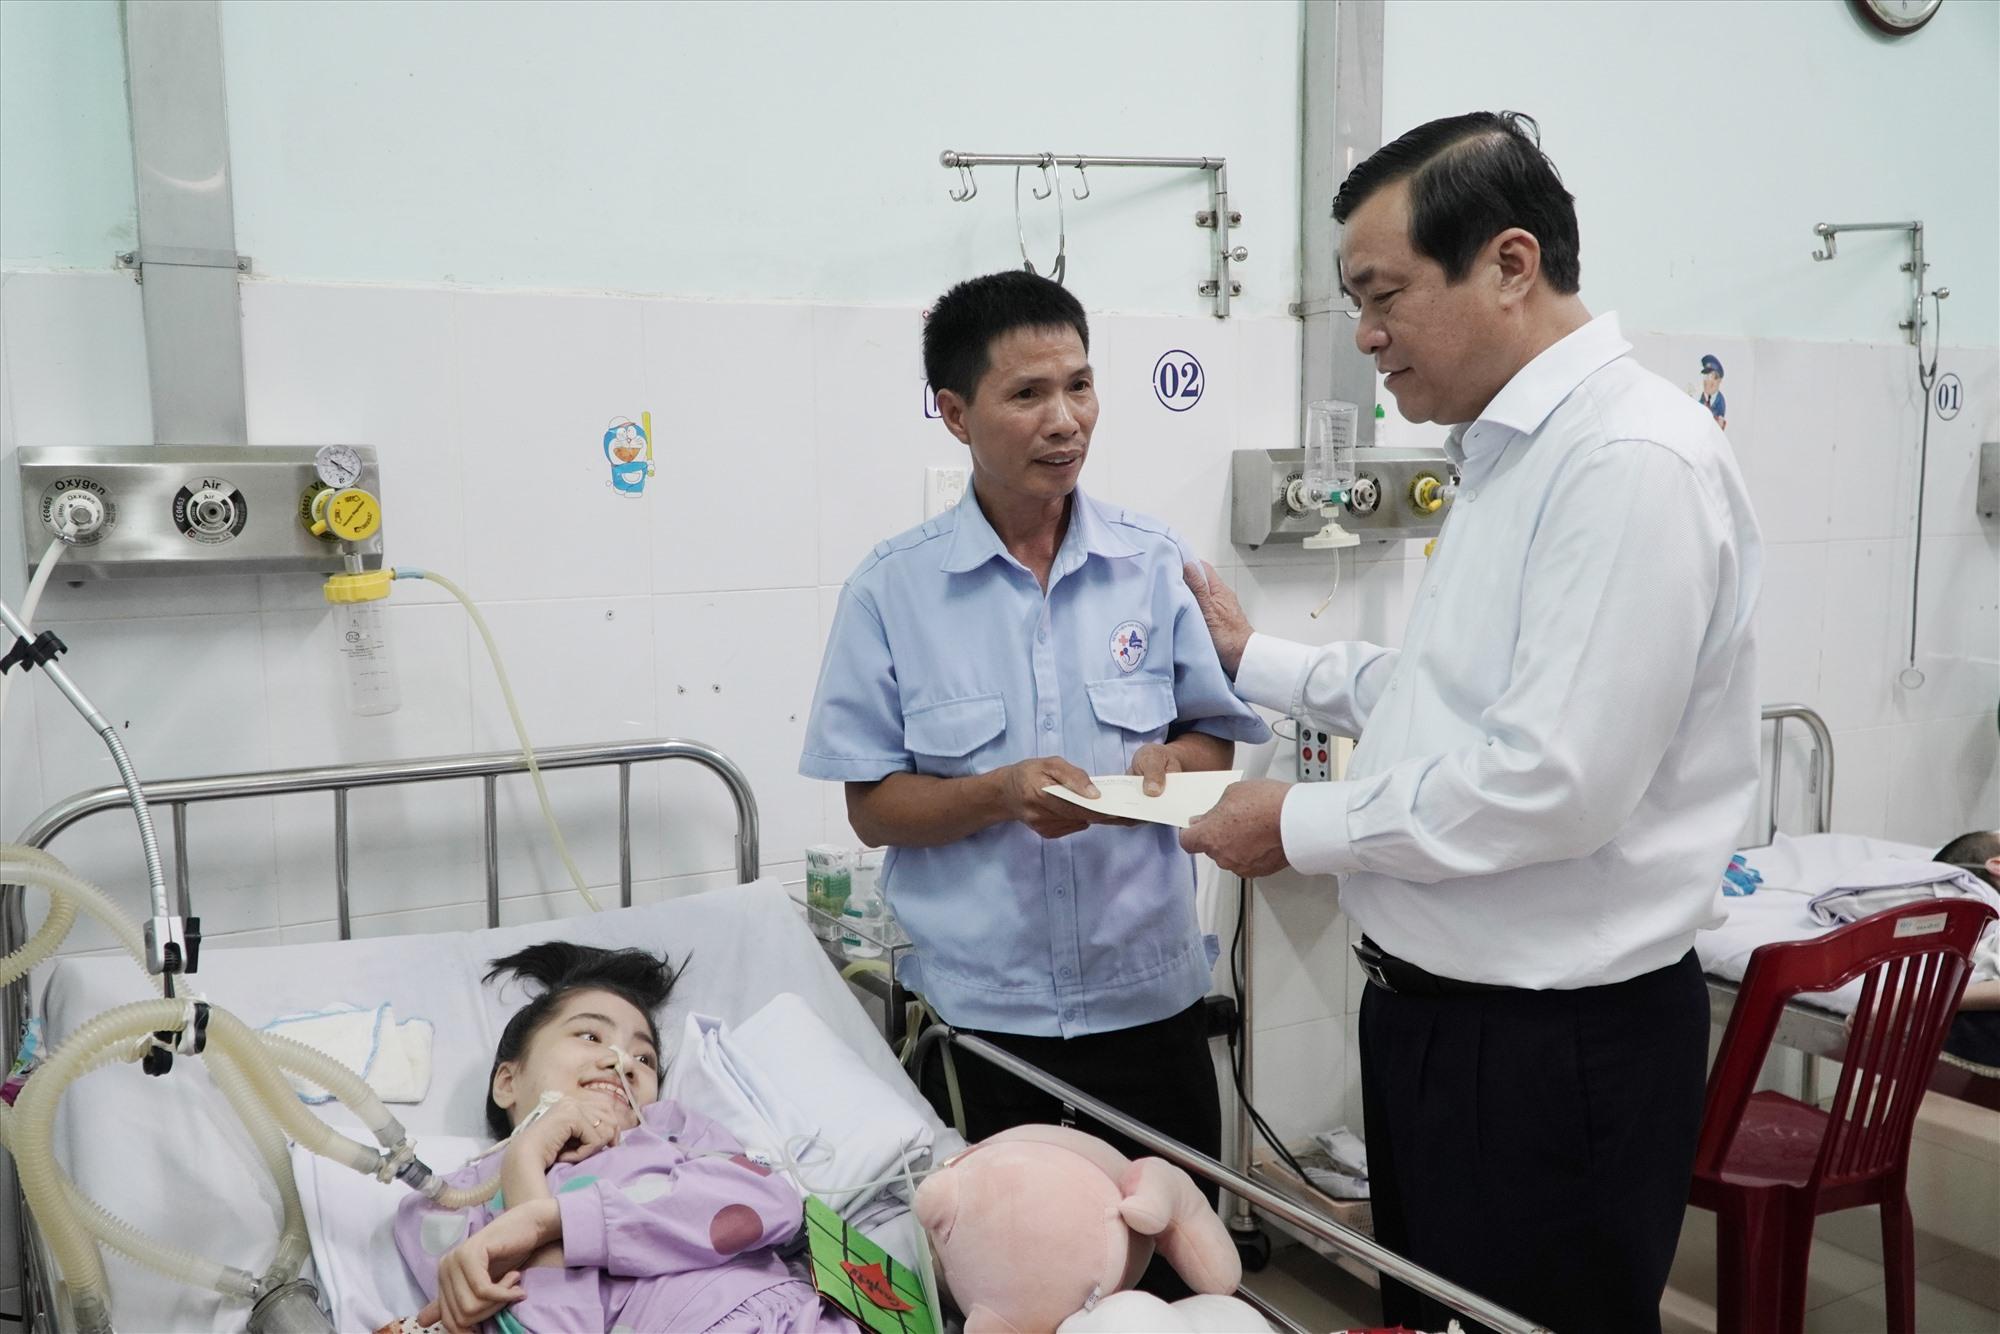 Bí thư Tỉnh ủy Phan Việt Cường tặng quà cho người nhà bệnh nhi tại Bệnh viện Phụ sản - Nhi Quảng Nam nhân dịp năm mới. Ảnh: PHAN VINH